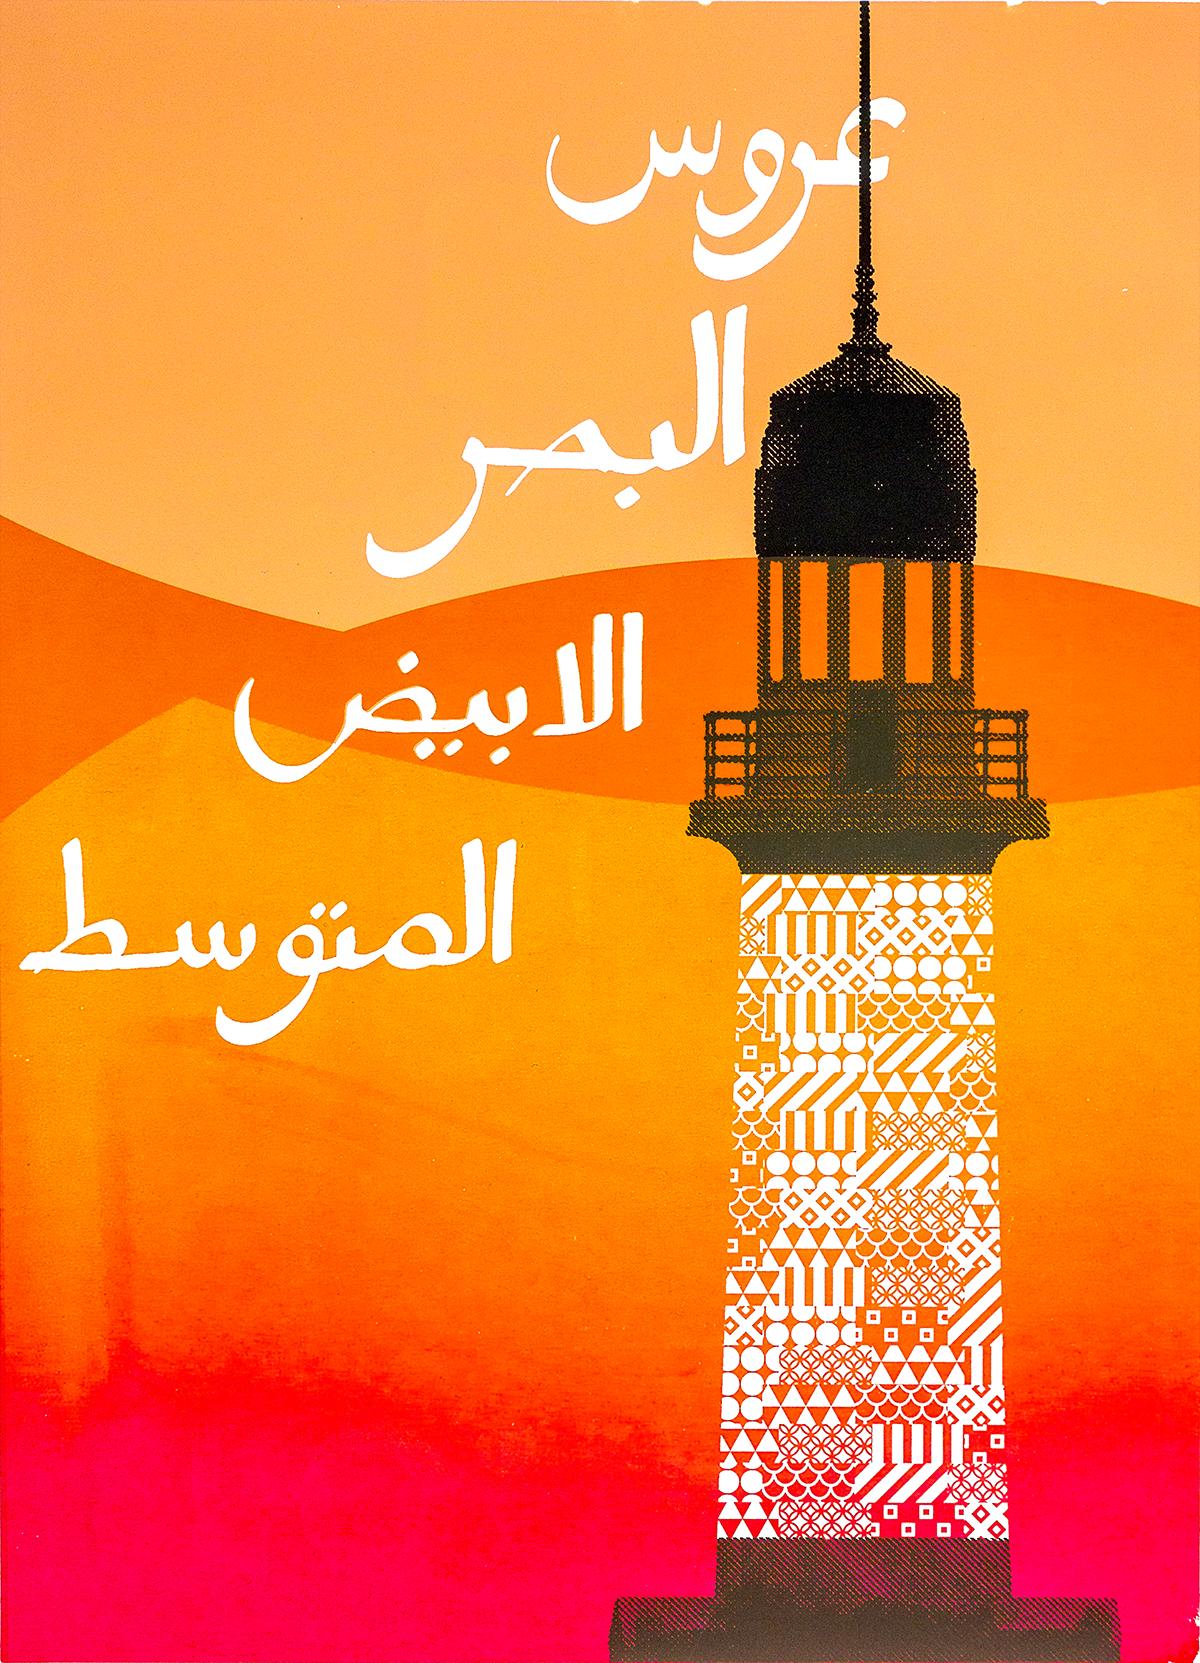 mohamed-el-hawary_alexandria_s16.png